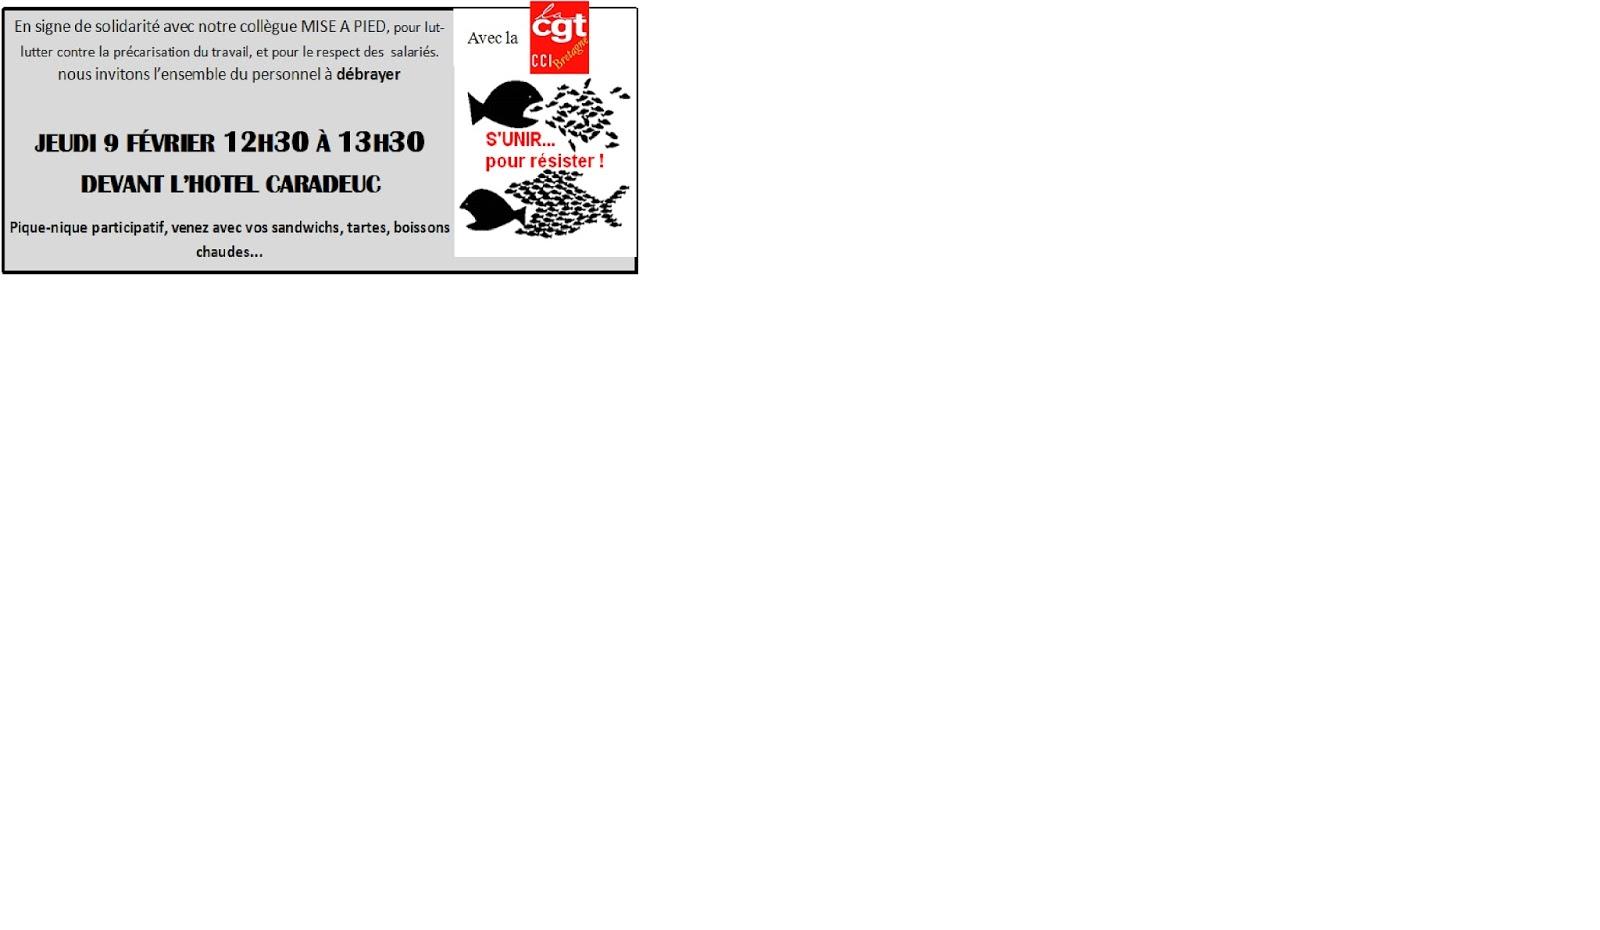 Chambre de commerce et industrie region bretagne syndicat cgt for Chambre de commerce rennes